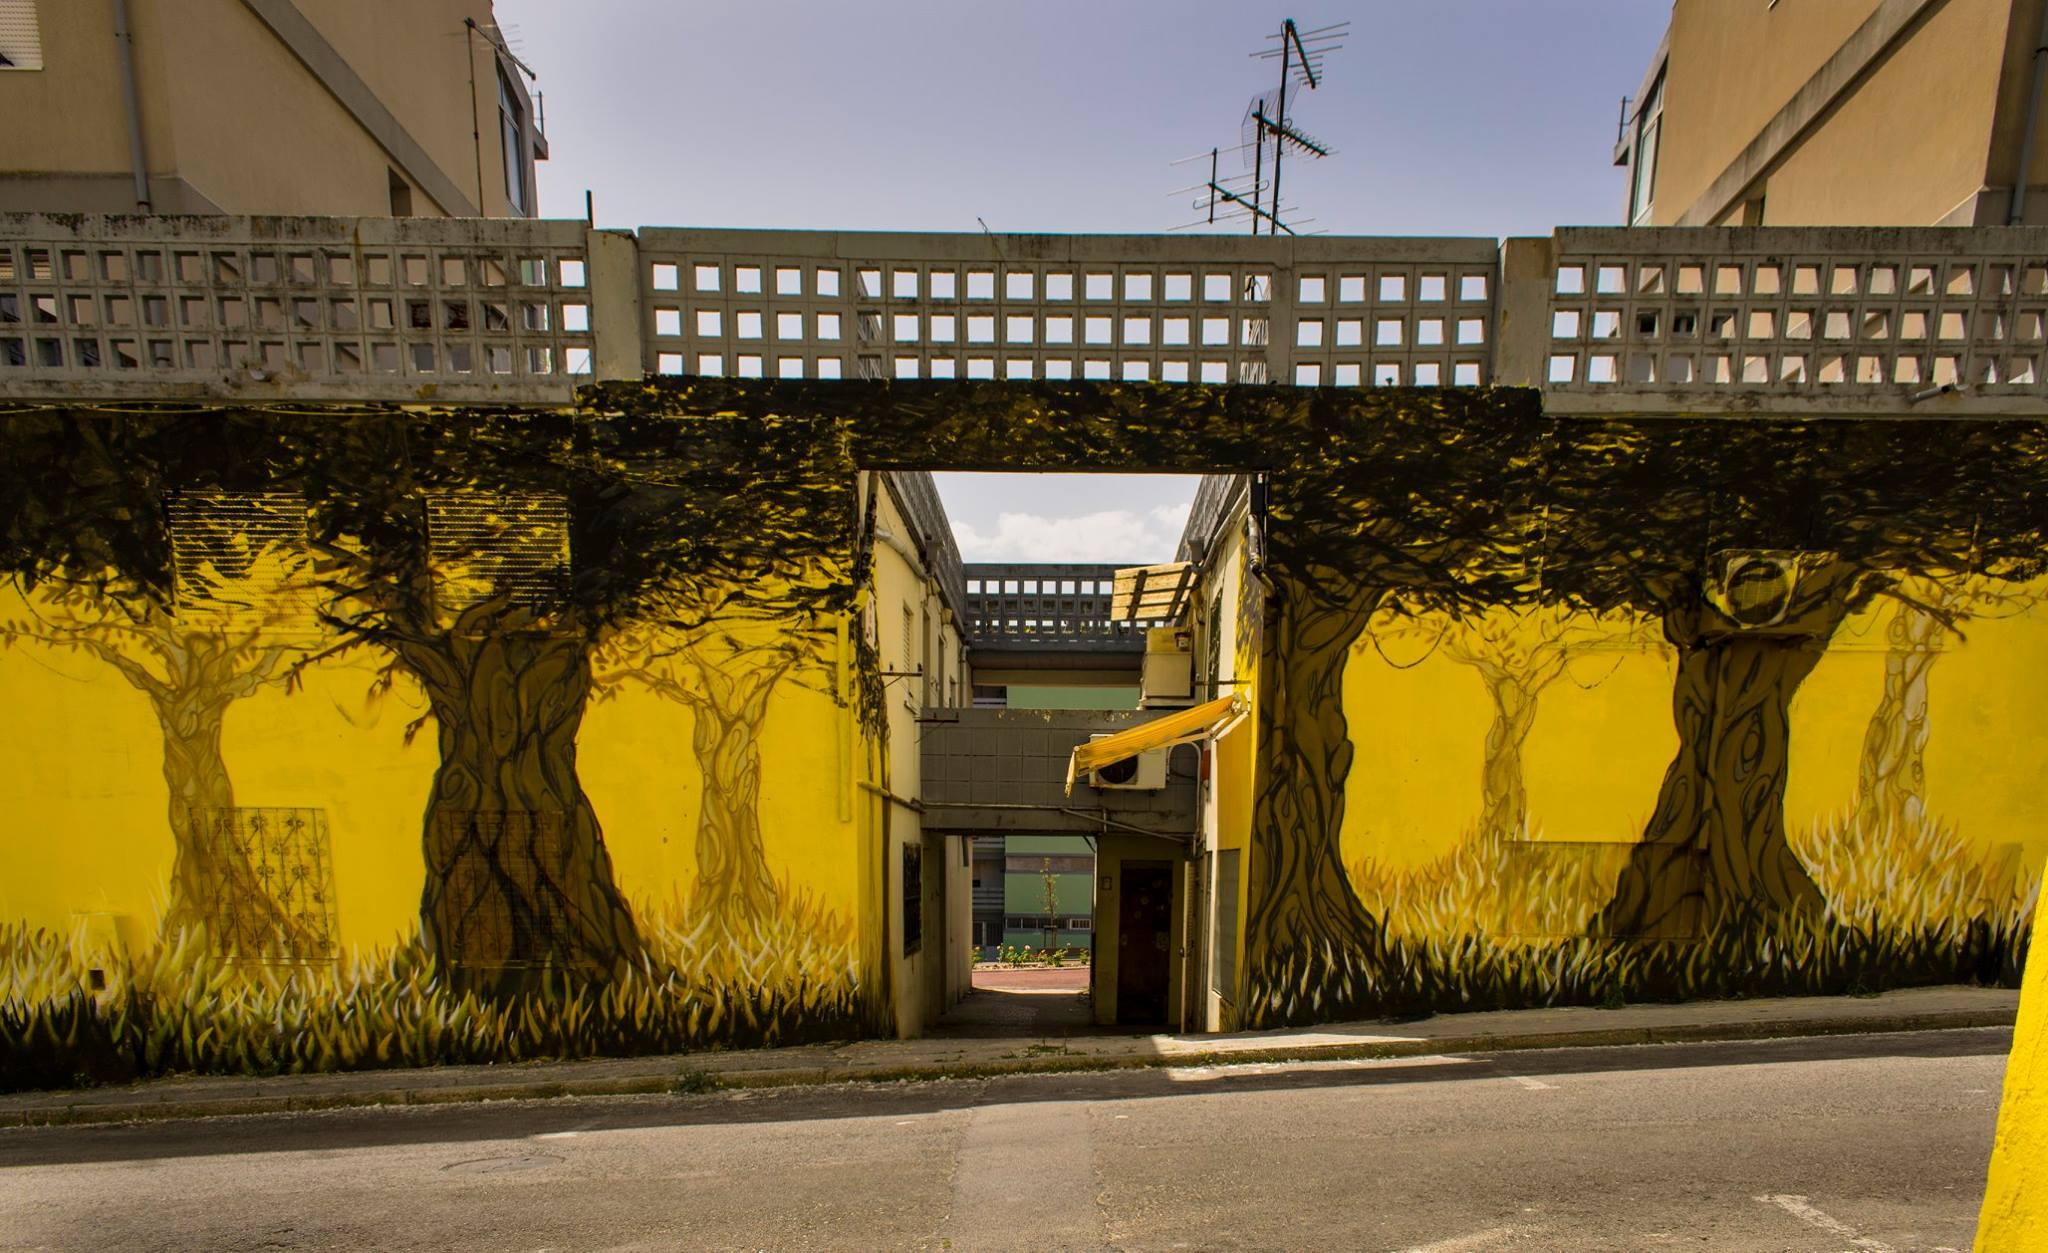 muro festival arte urbana marvila lisboa 2017 (14)